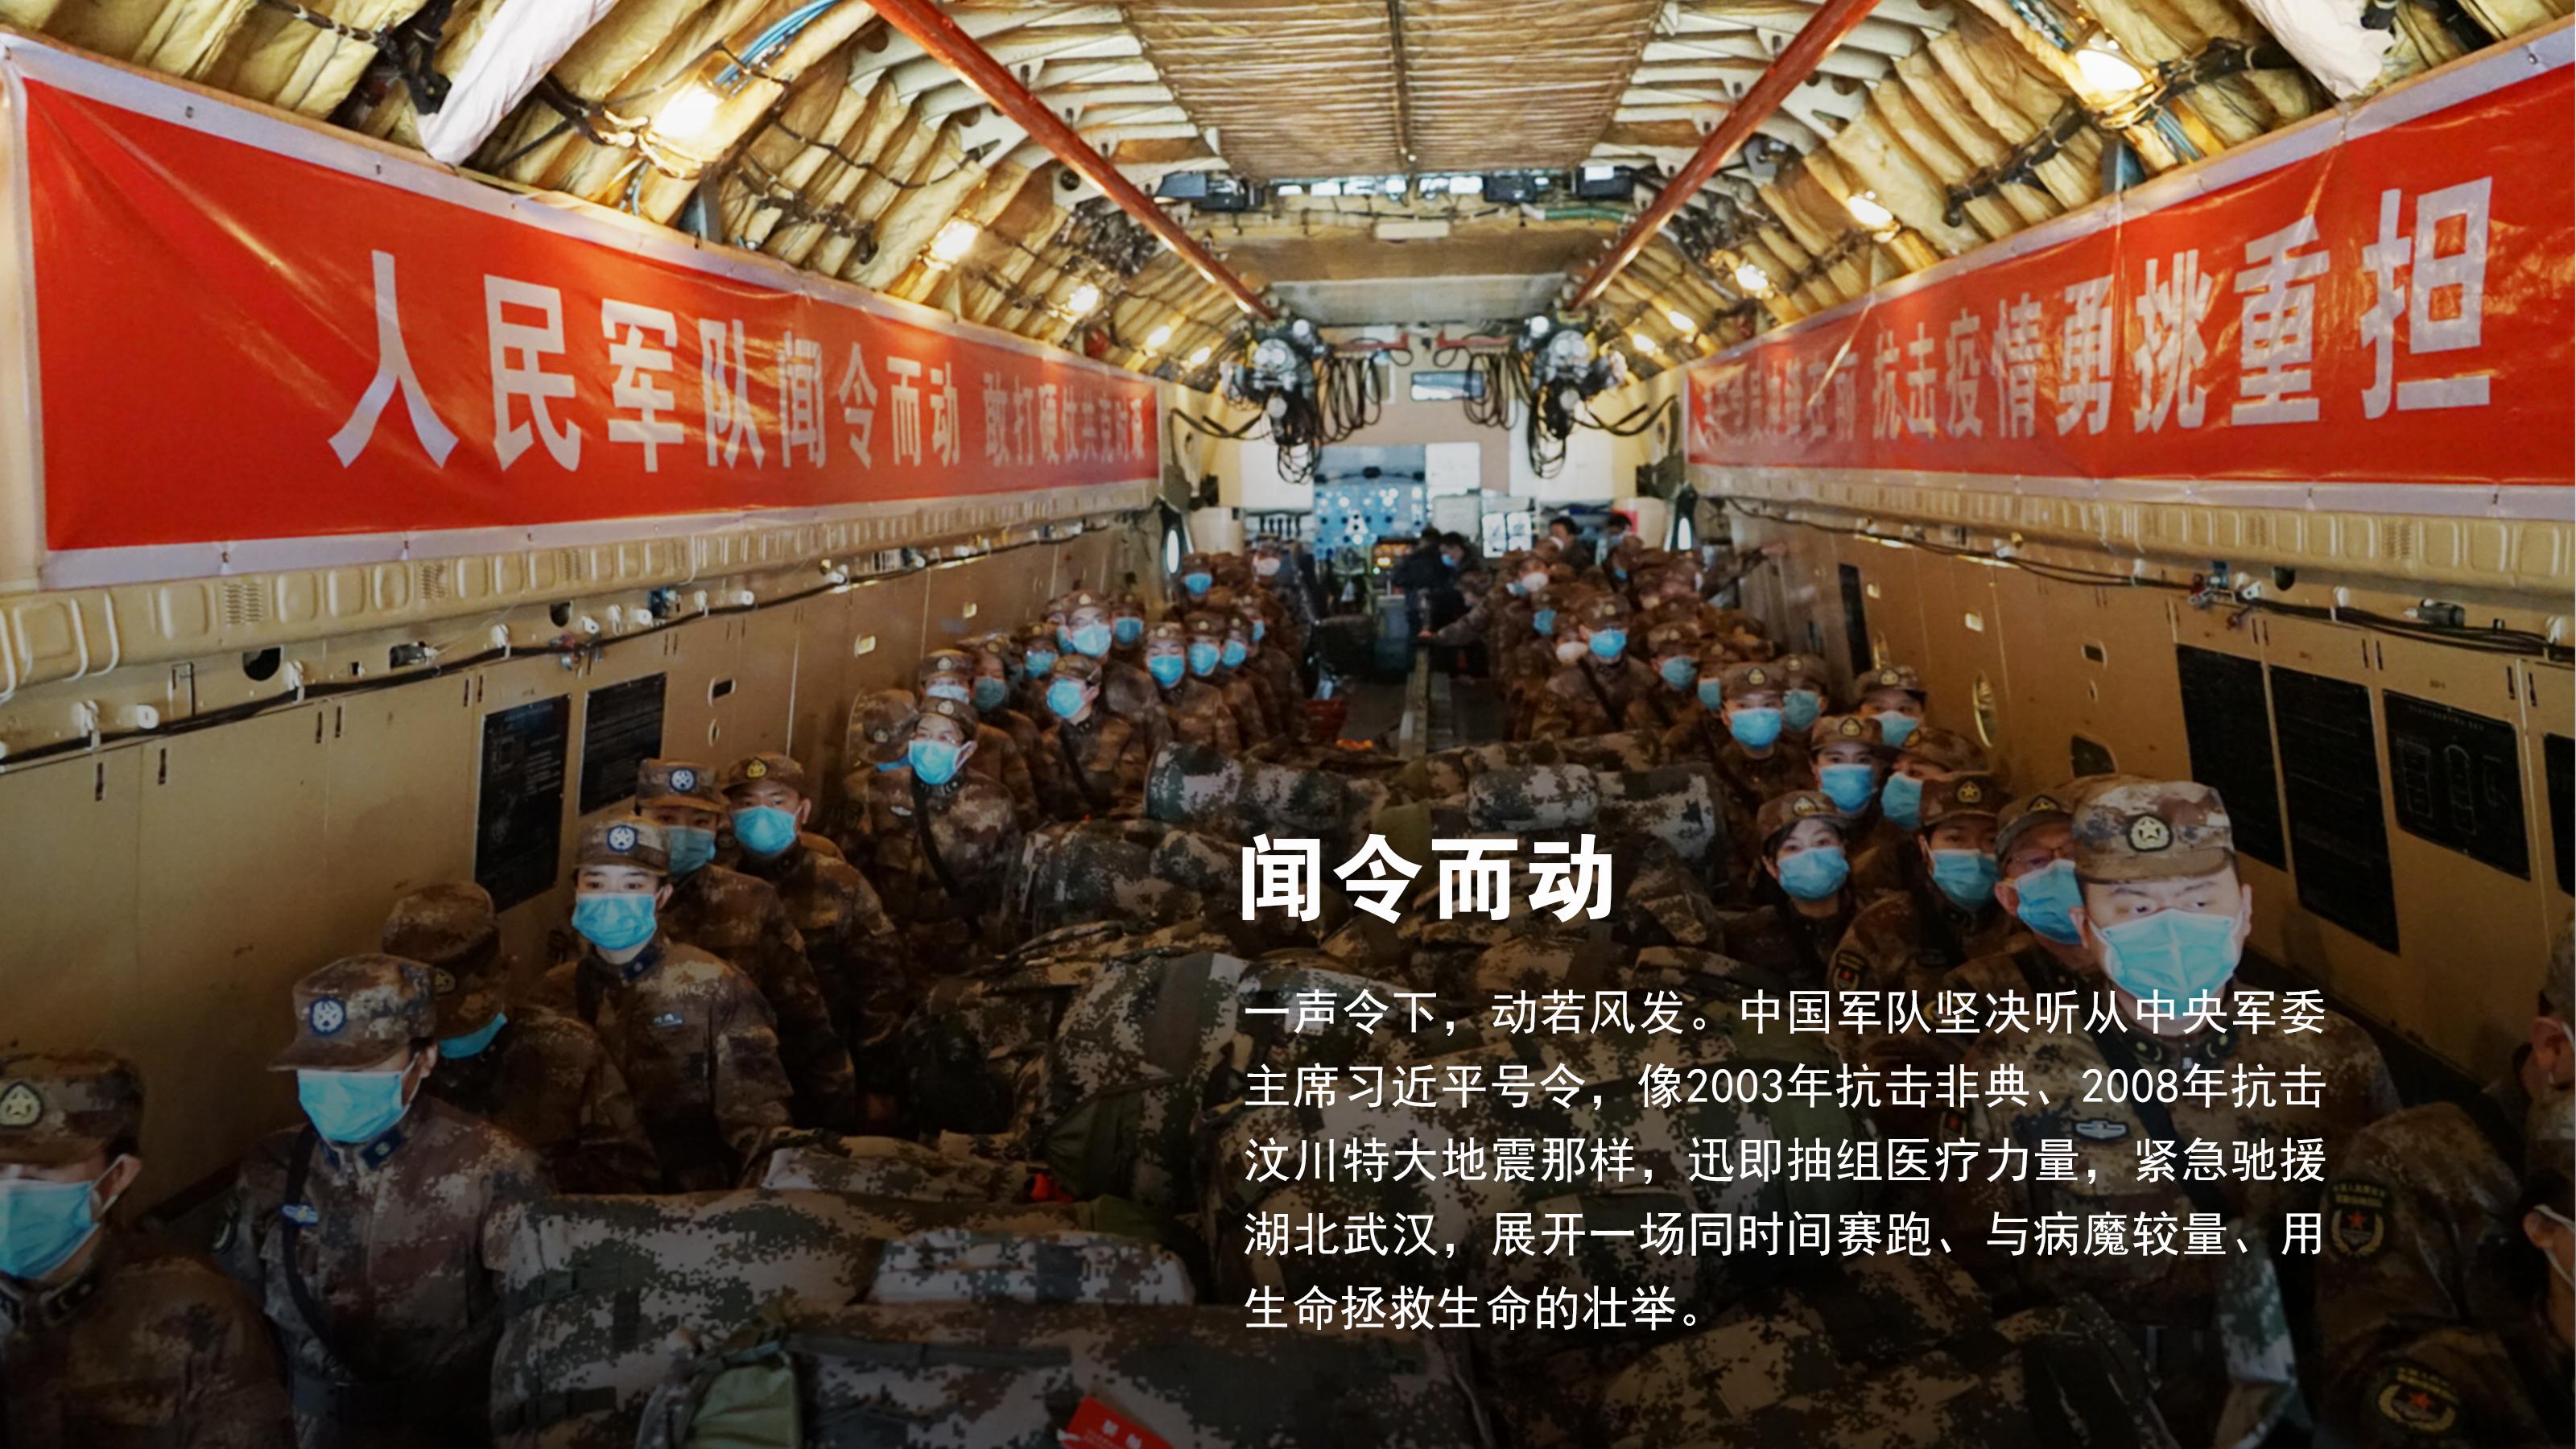 中國軍隊支援地方抗擊新冠肺炎疫情掠影